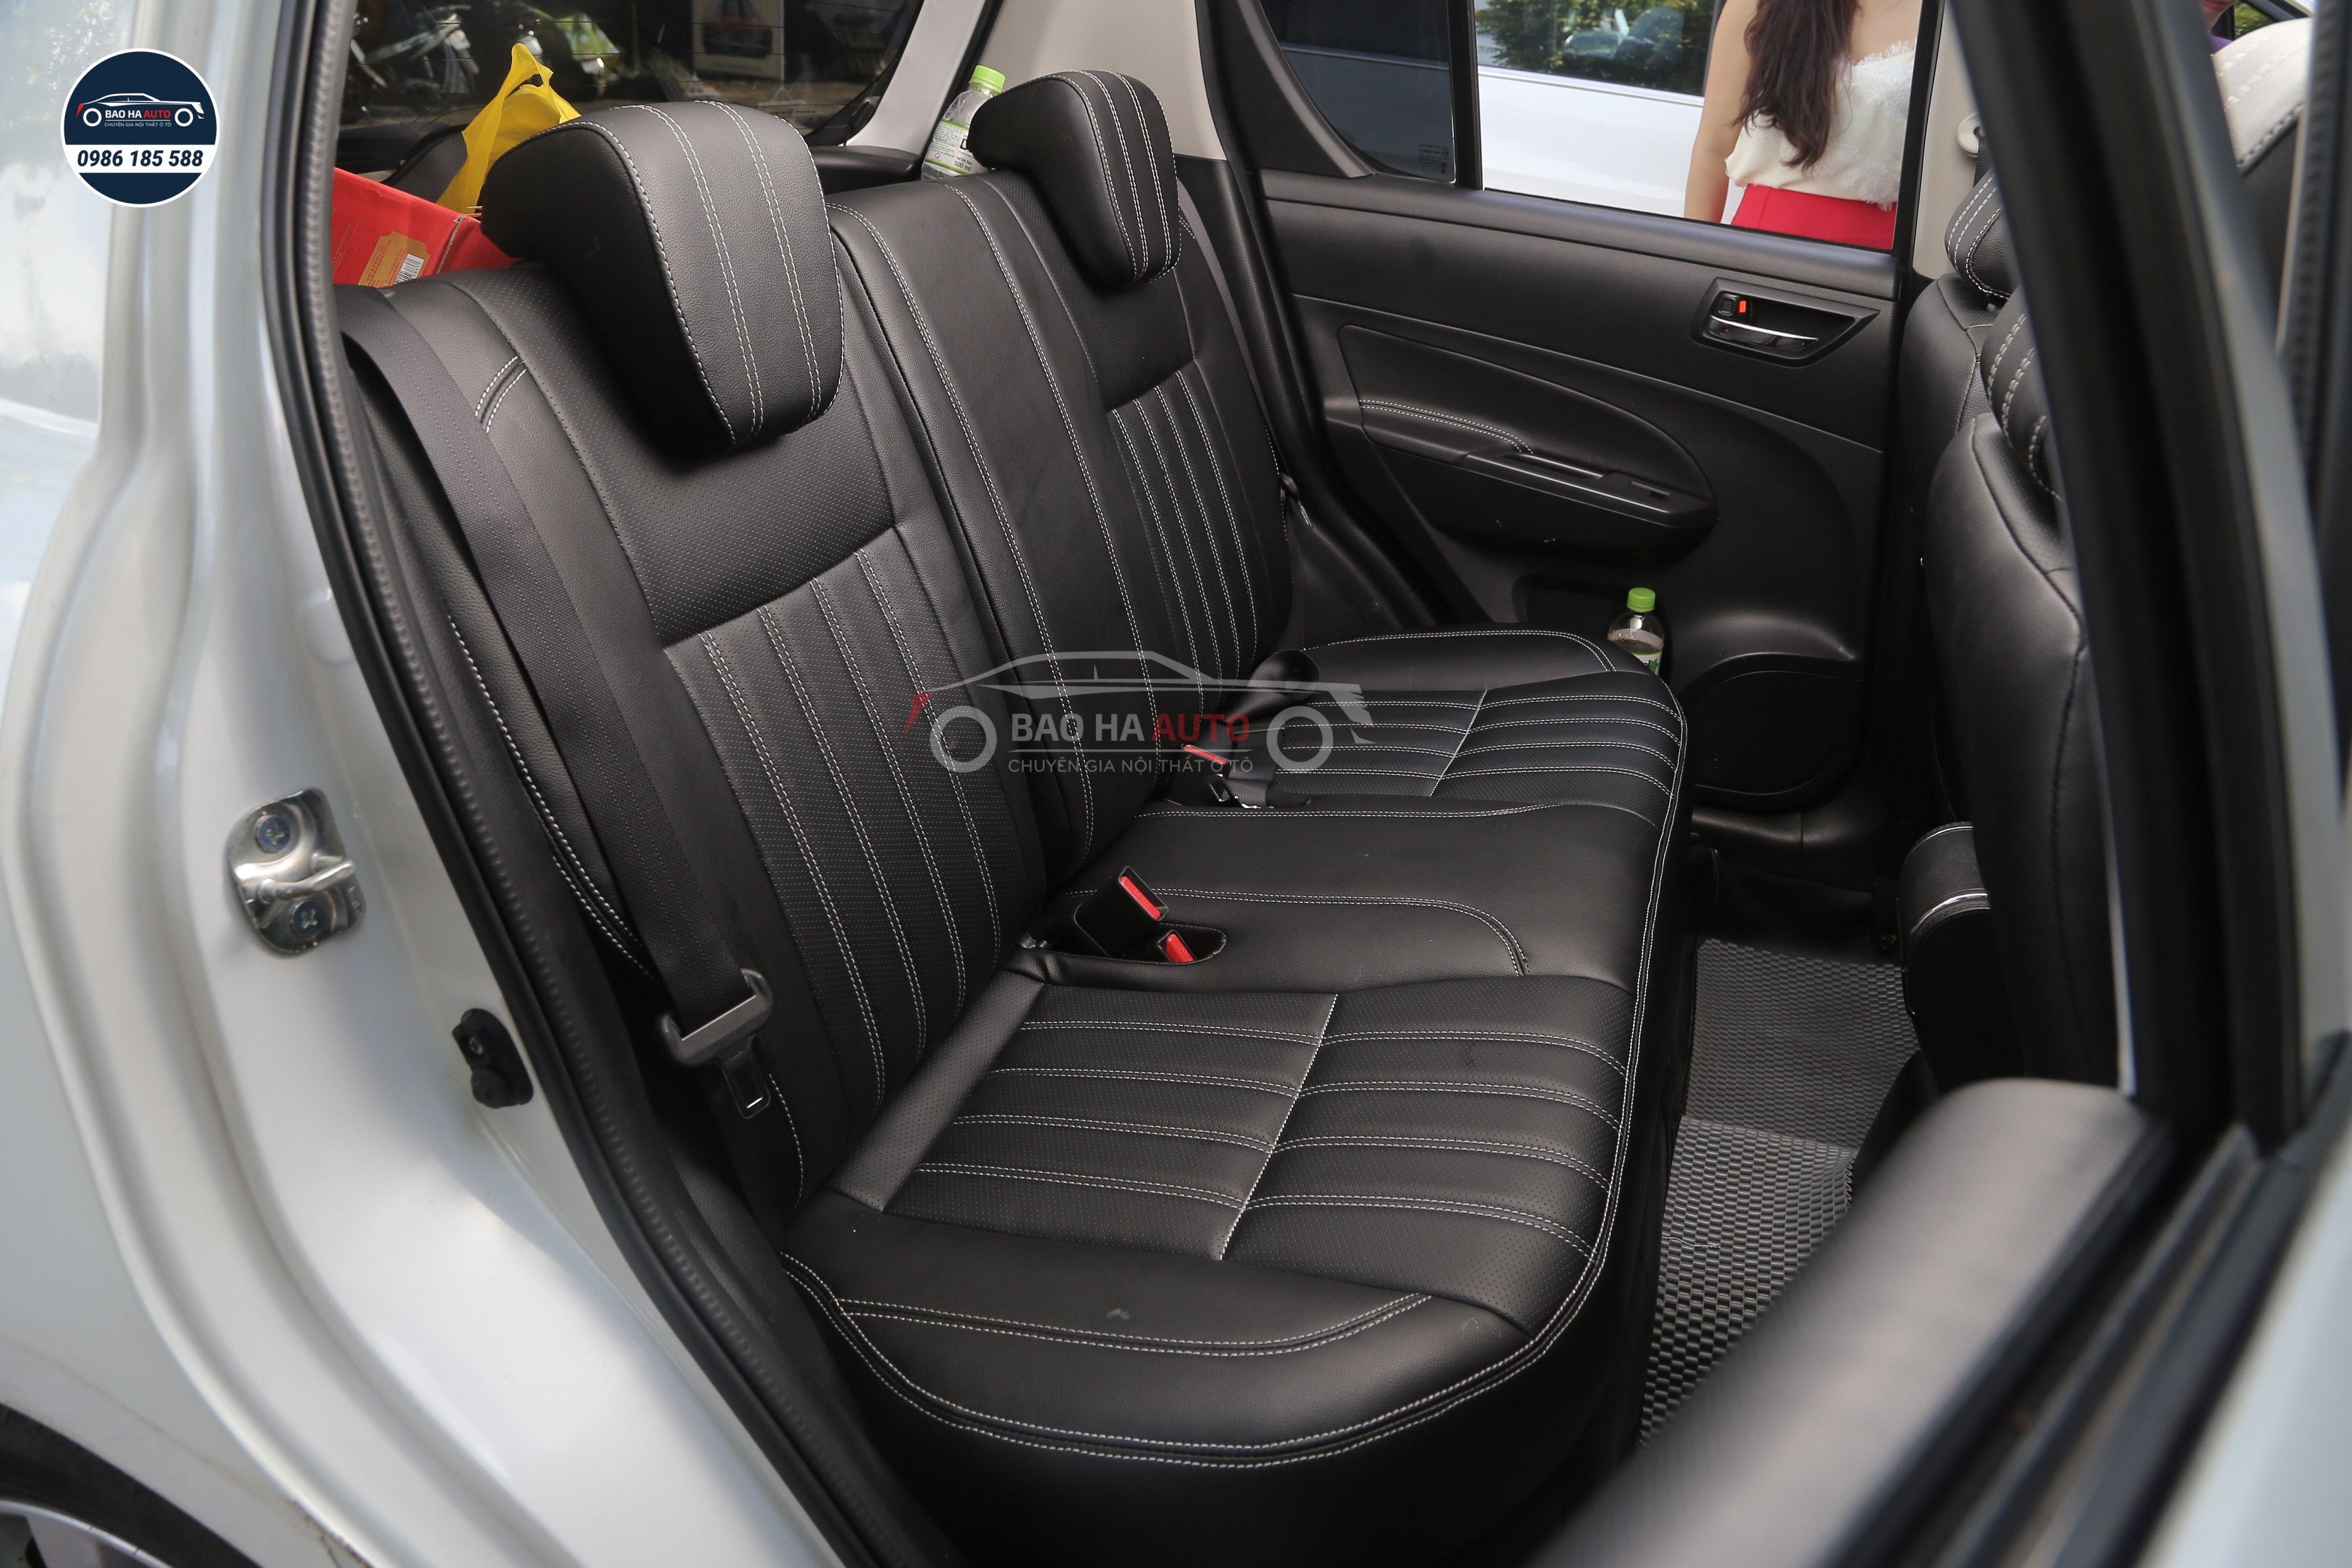 Mẫu bọc ghế da ô tô sang trọng, ấn tượng, bảo hành lên đến 7 năm